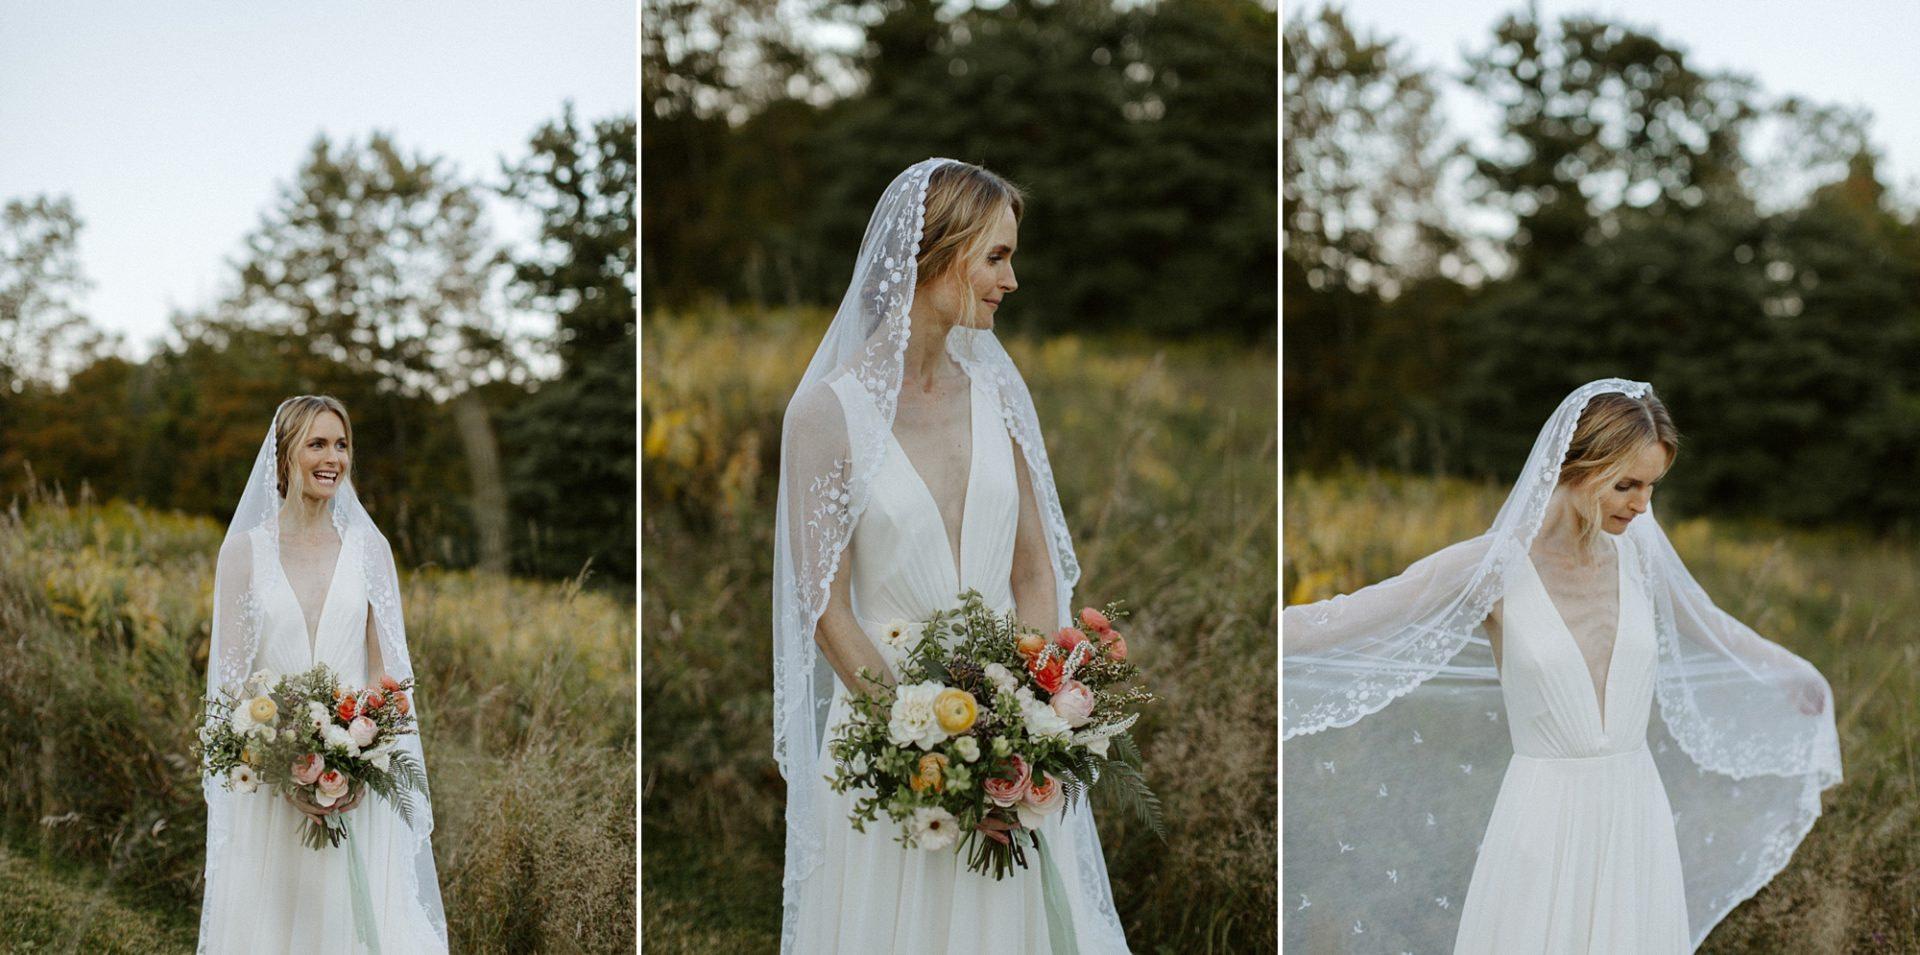 Bridal portraits at M & D Farm